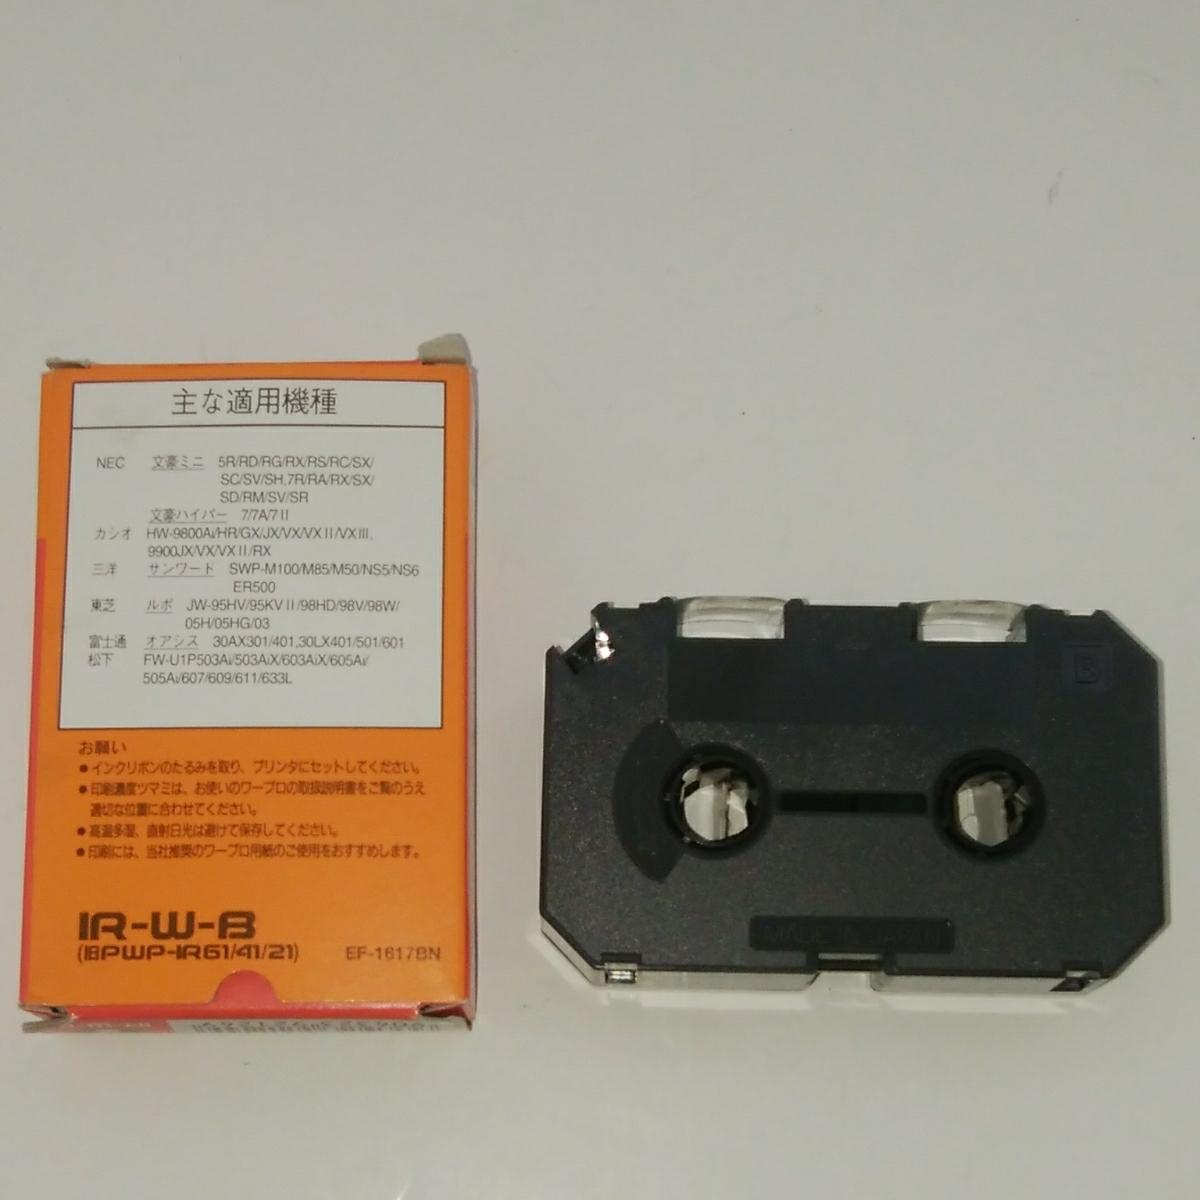 【未使用】NEC ワープロ共通インクリボン タイプW 黒 IR-W-B 1個_画像2